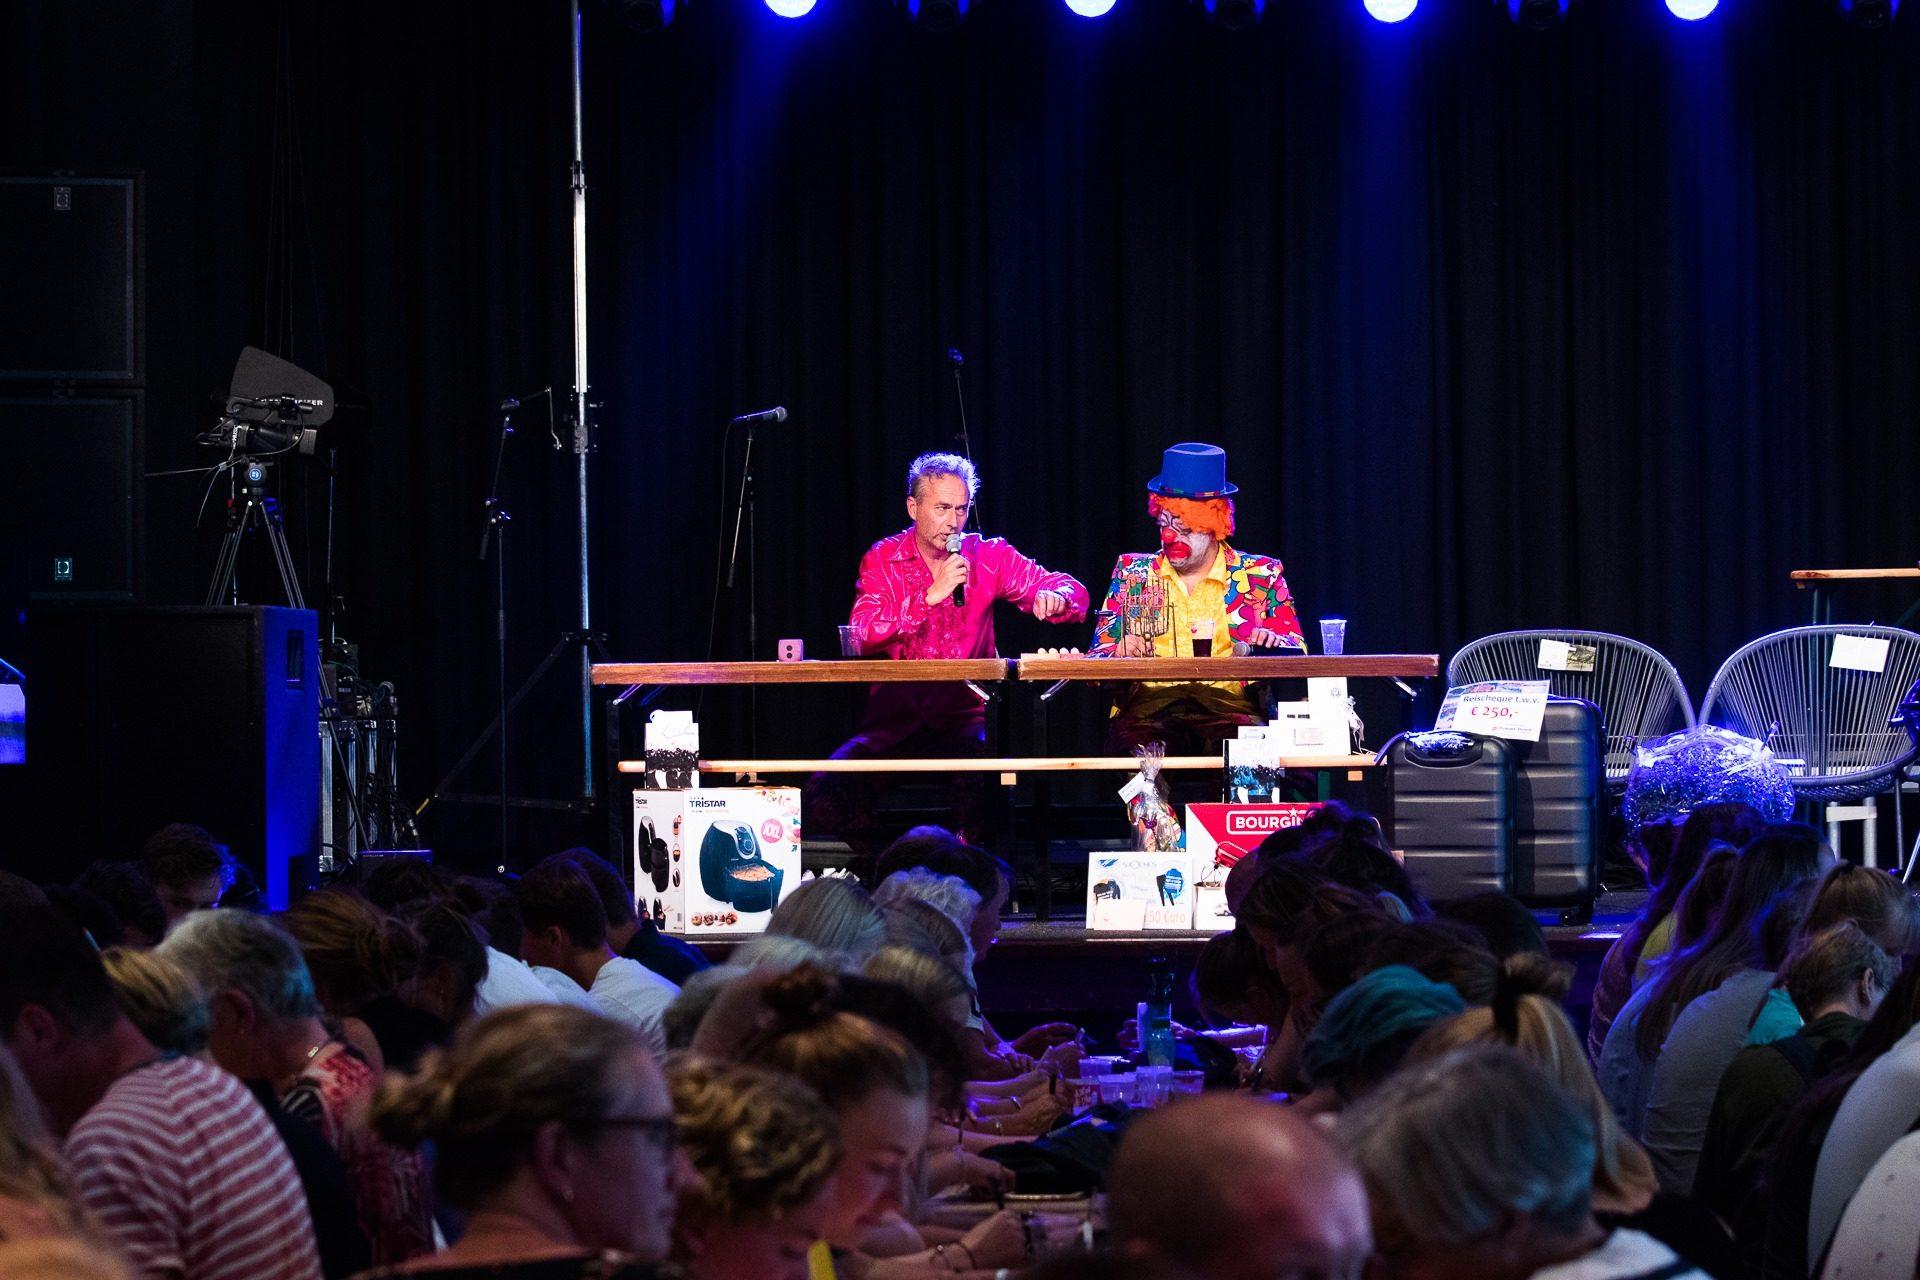 De jaarlijkse bingo met Willem en Freerk